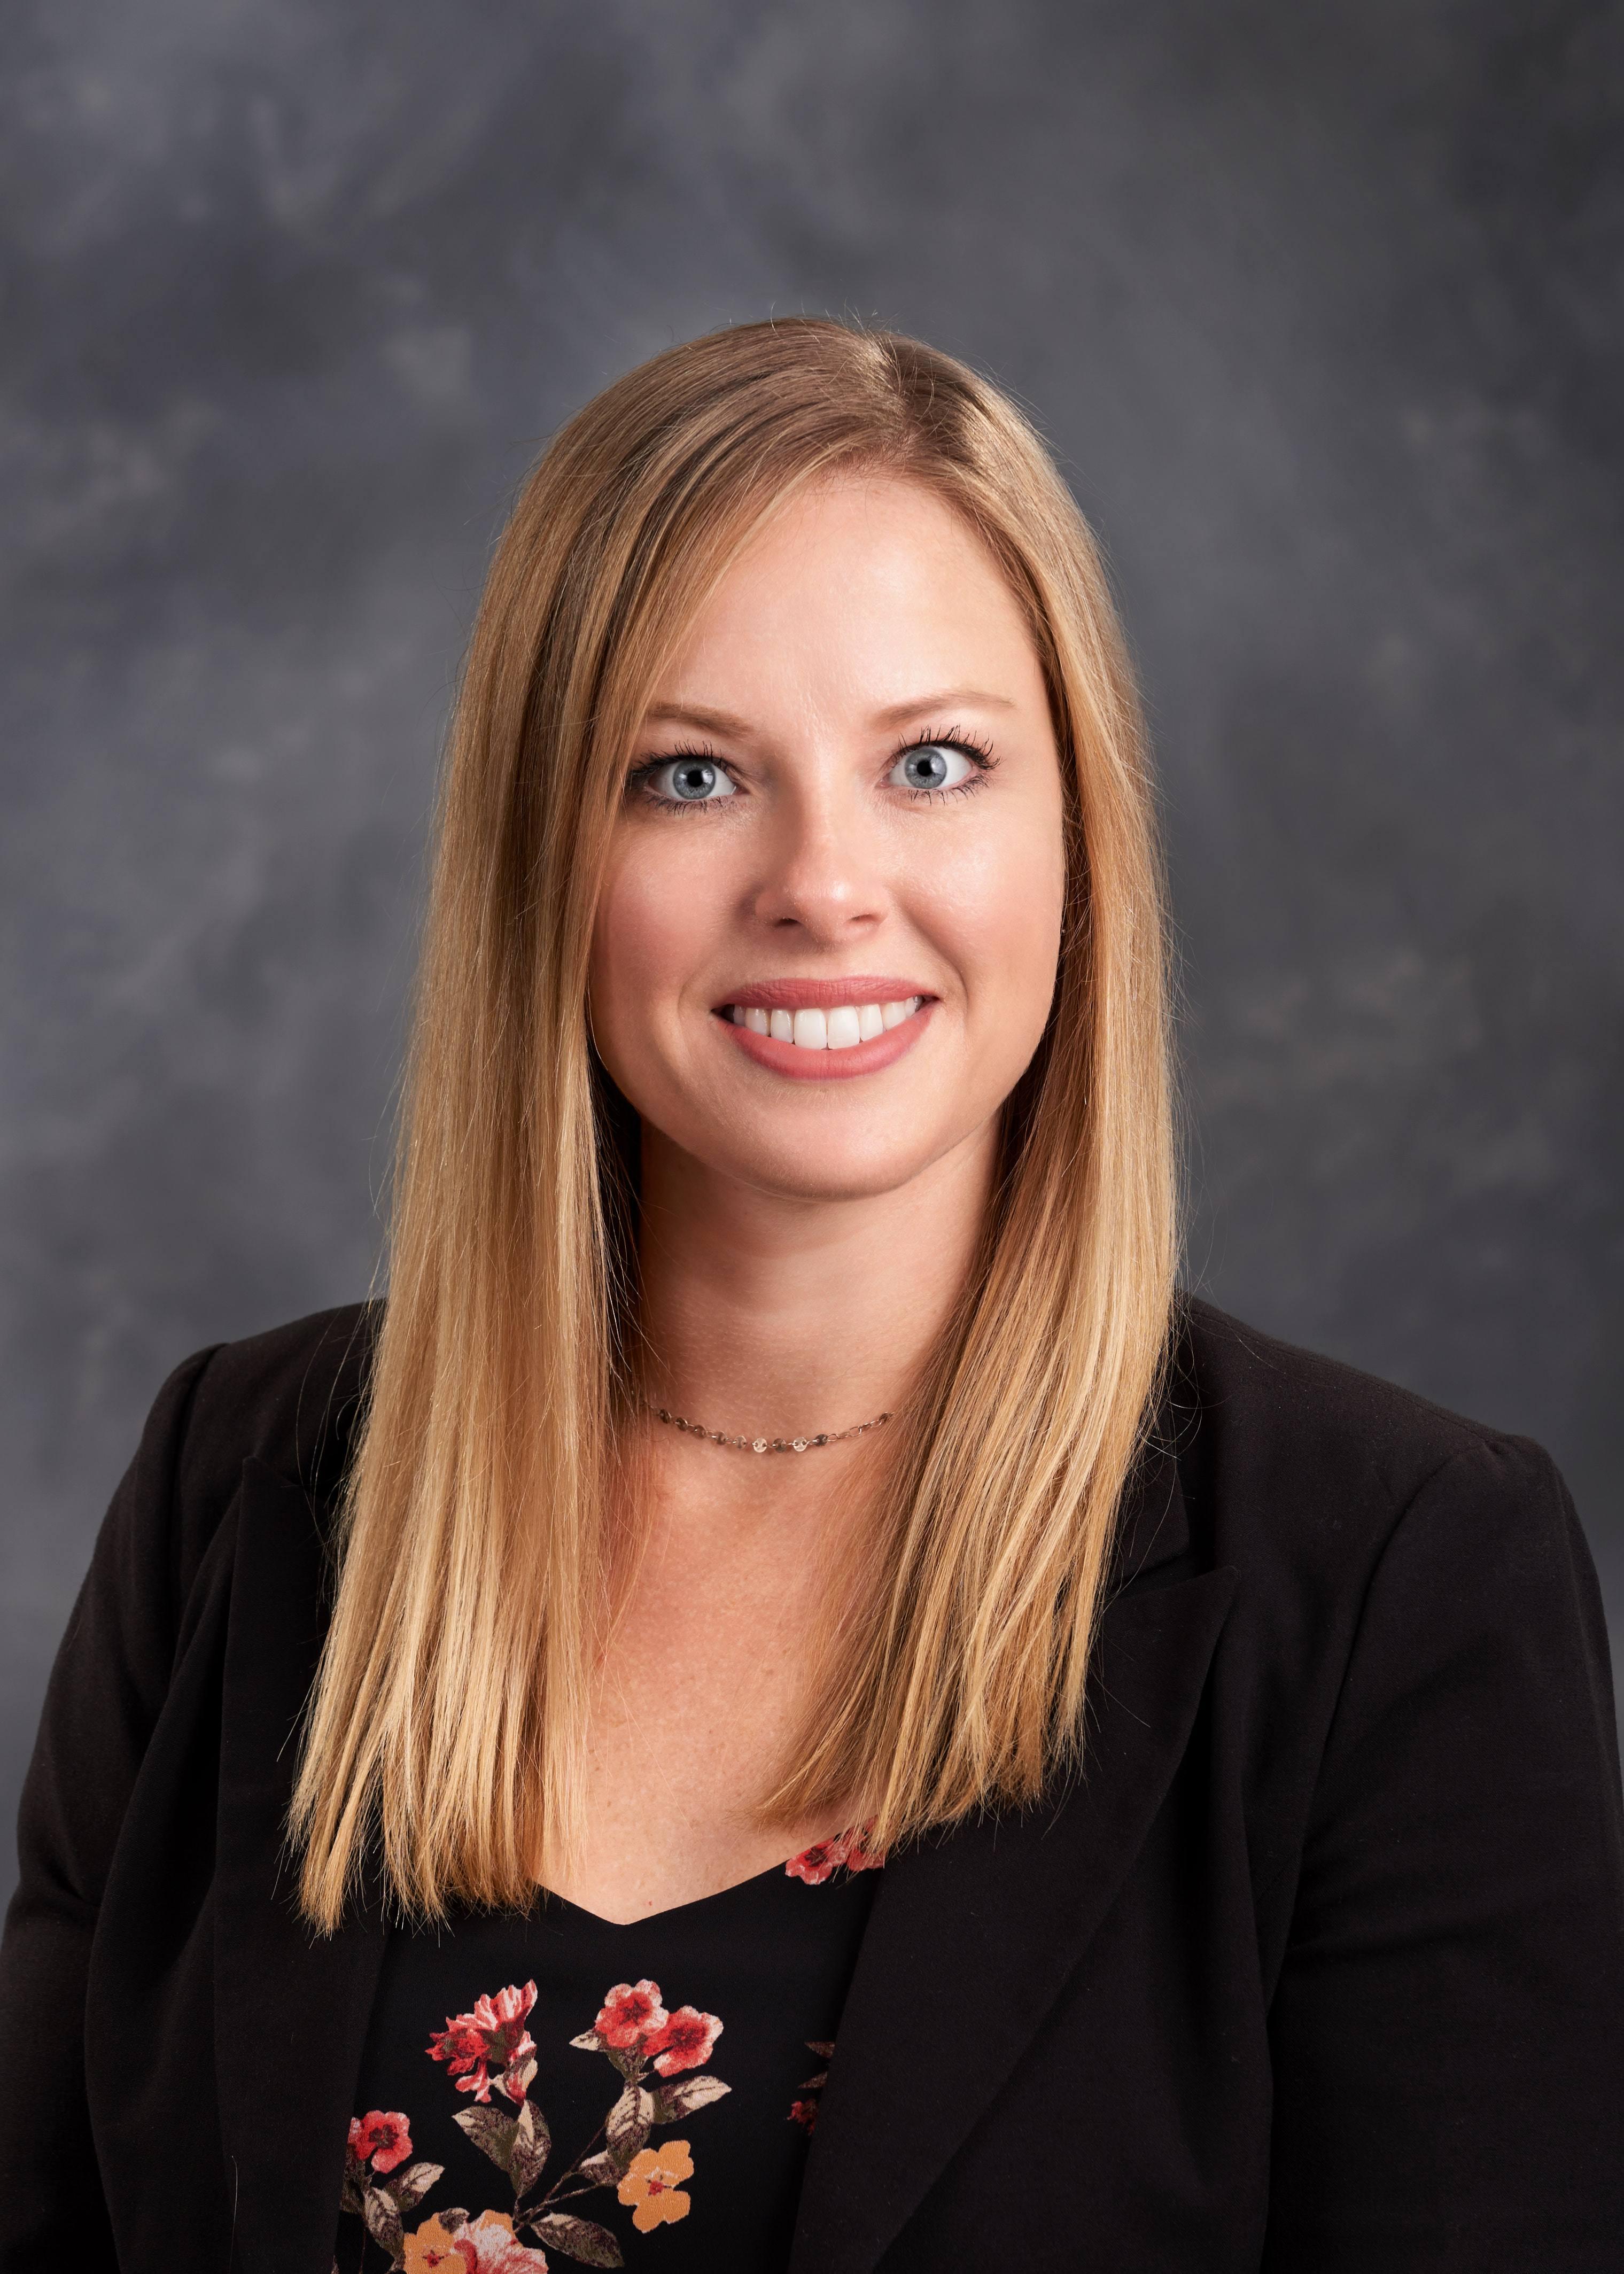 Jenn Olson